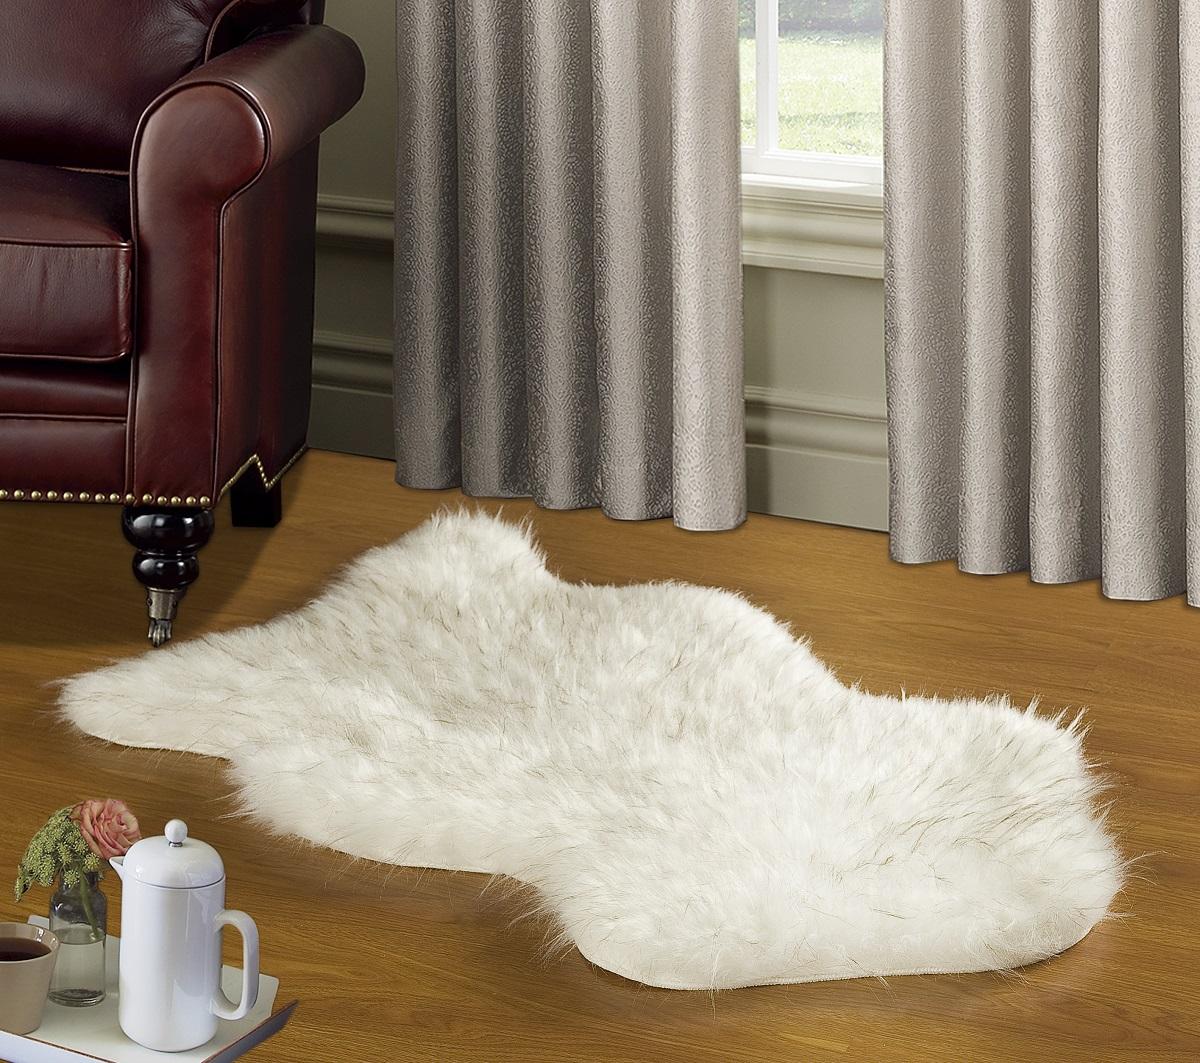 Коврик Modalin Manal, цвет: белый, 50 х 90 смPR-2WКоврик Modalin Manal выполнен из искусственного меха. Изделие долго прослужит в вашем доме, добавляя тепло и уют, а также внесет неповторимый колорит в интерьер.